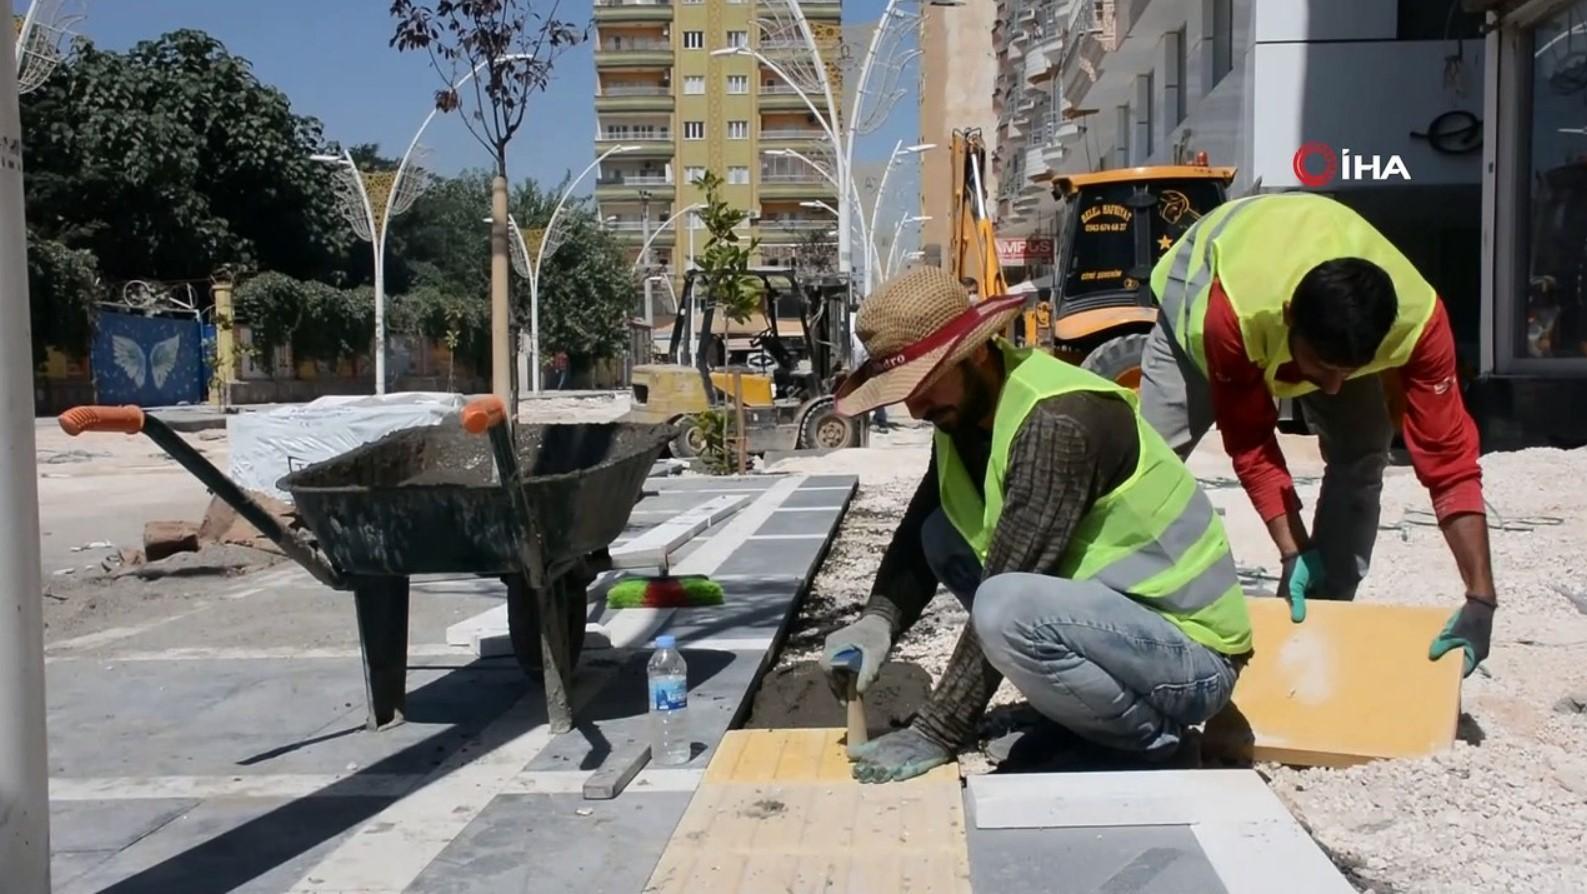 Ковровая улица, Турция. Новости строительства. Килимова вулиця, Туреччина. Новини будівництва